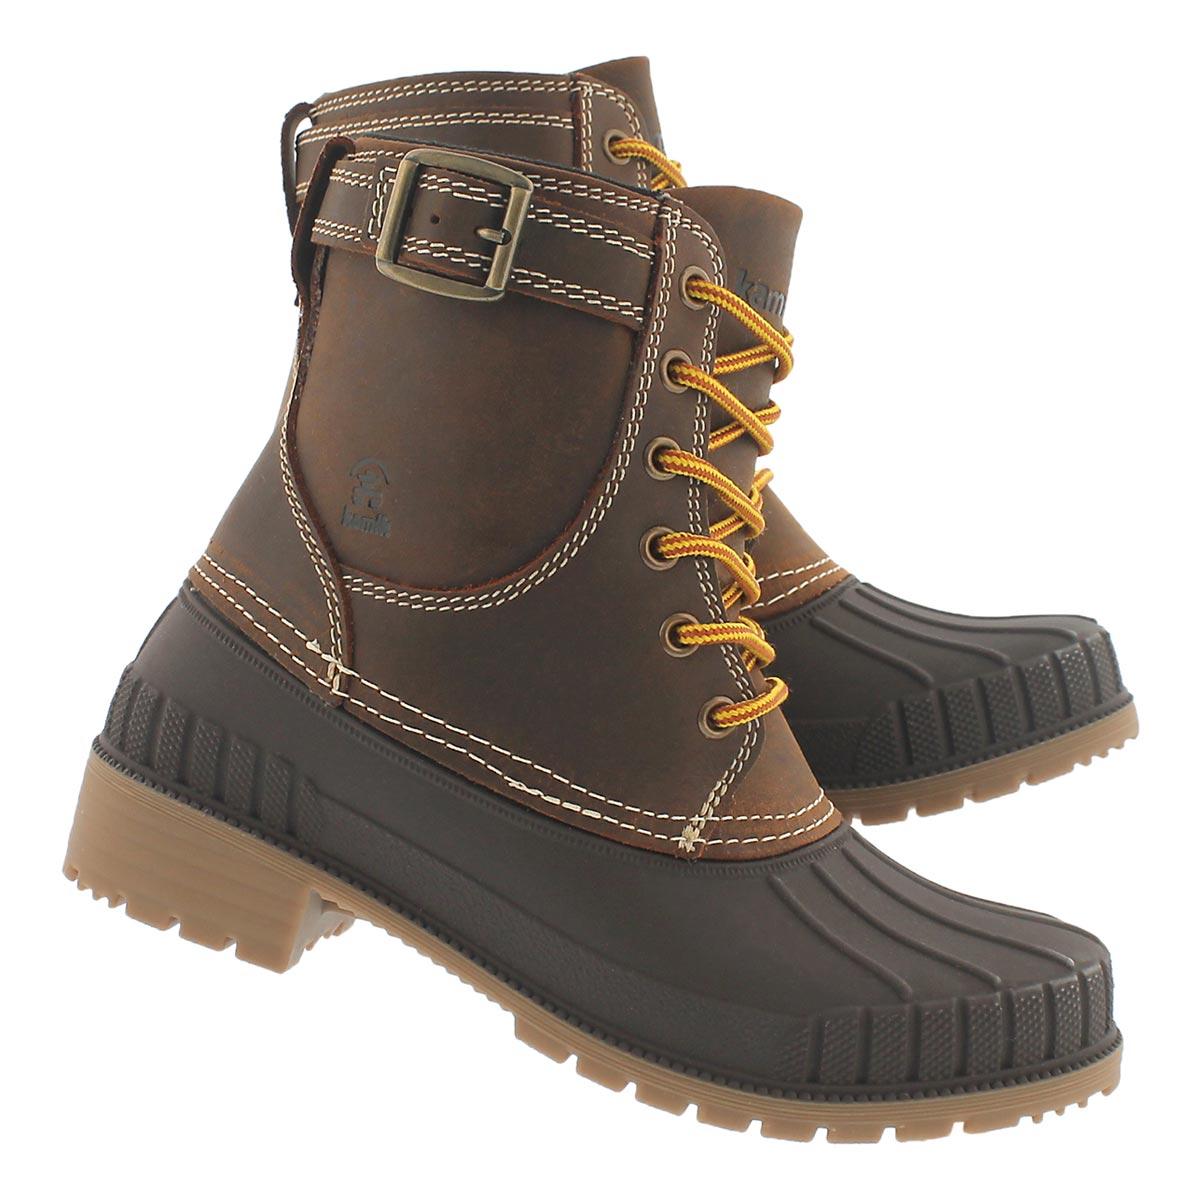 Lds Evelyn dk brn waterproof winter boot